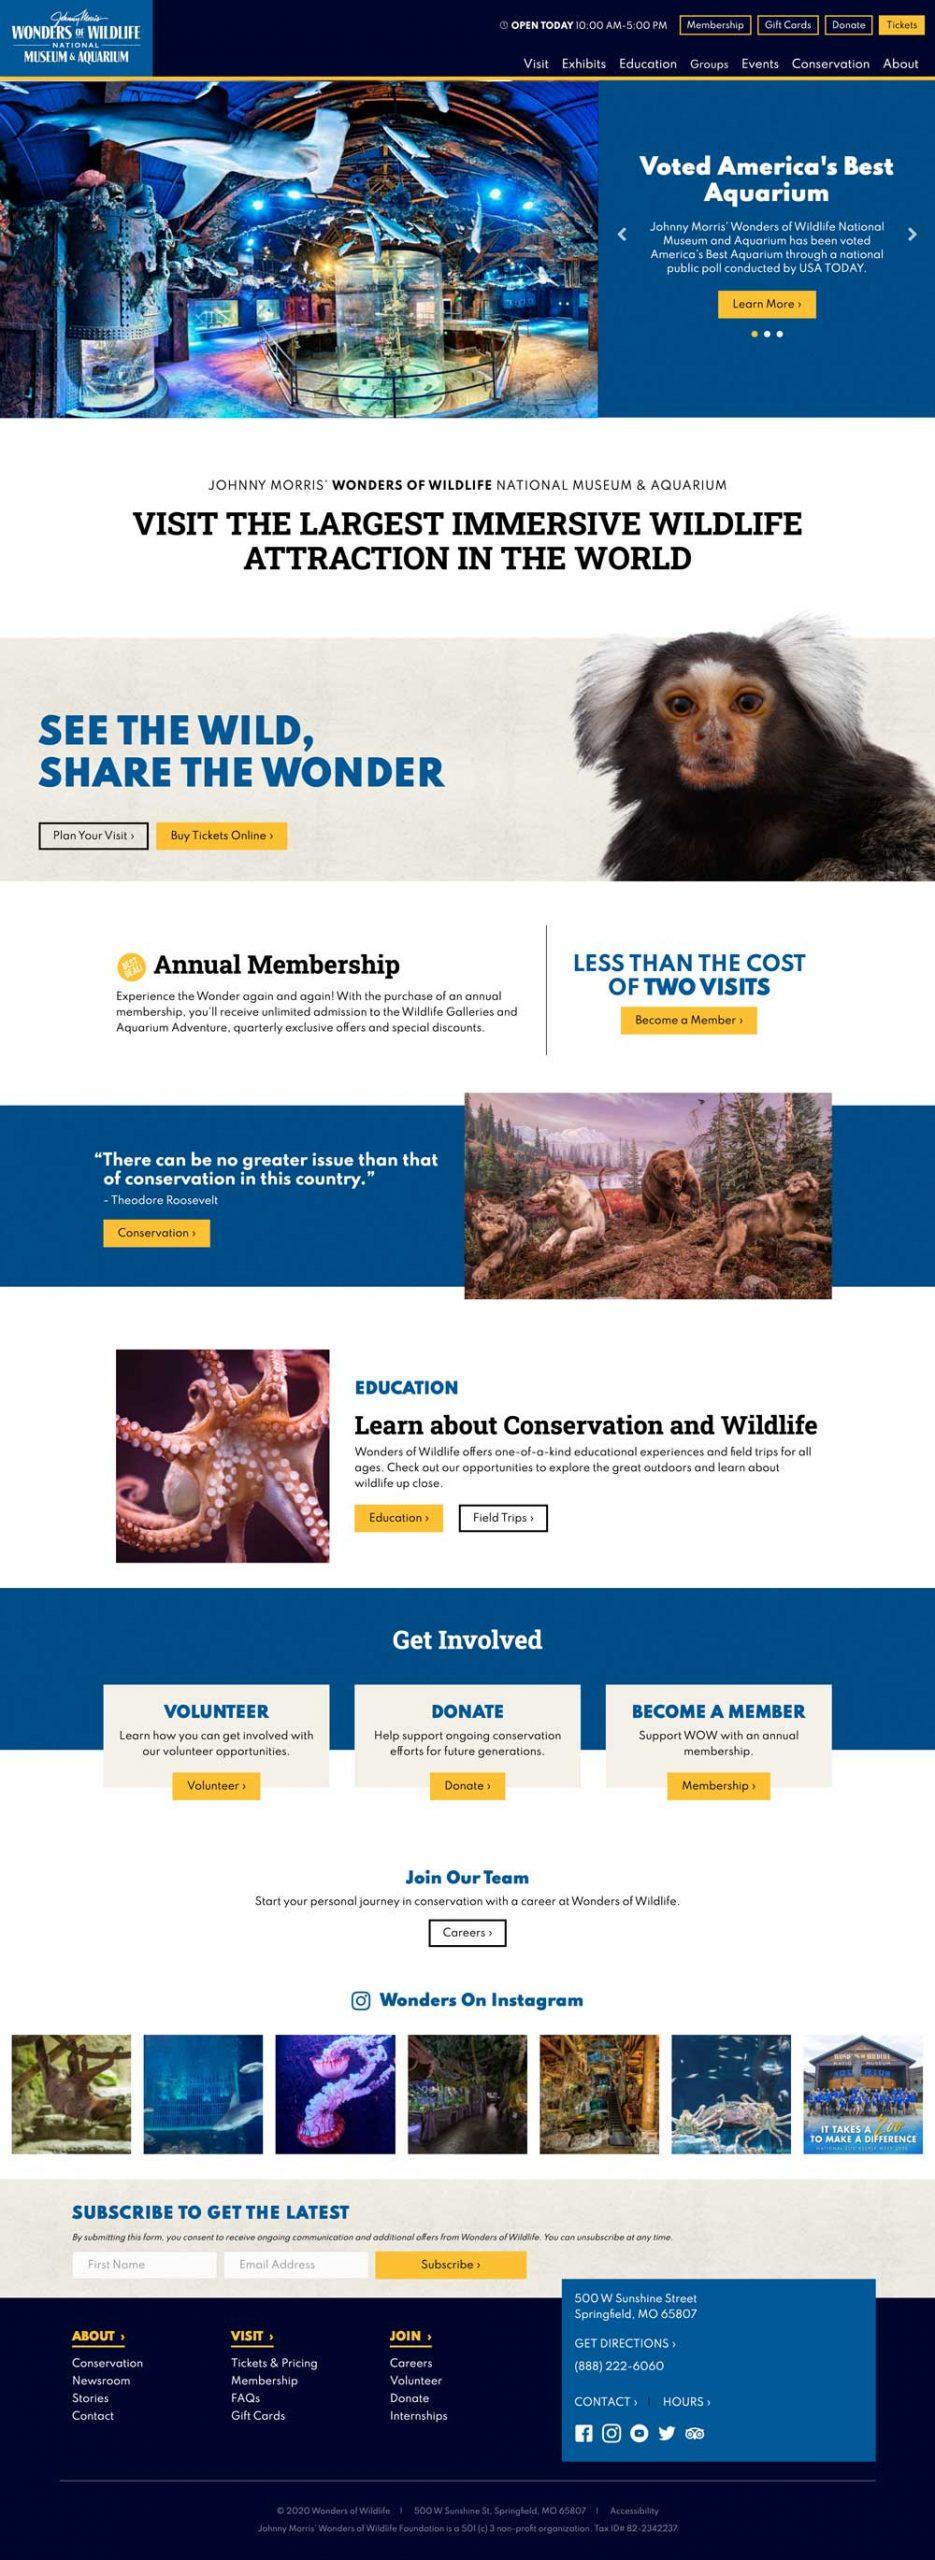 Wonders of Wildlife - Home Page